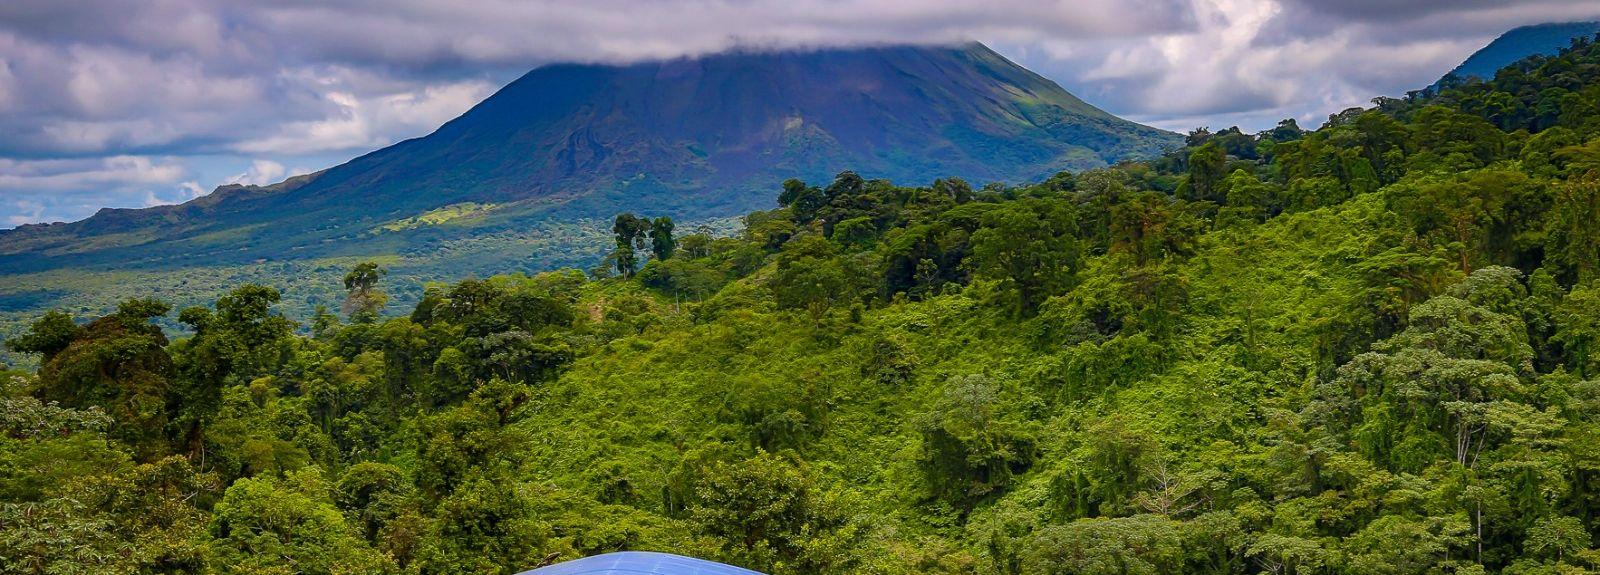 La Fortuna, Alajuela, Costa Rica